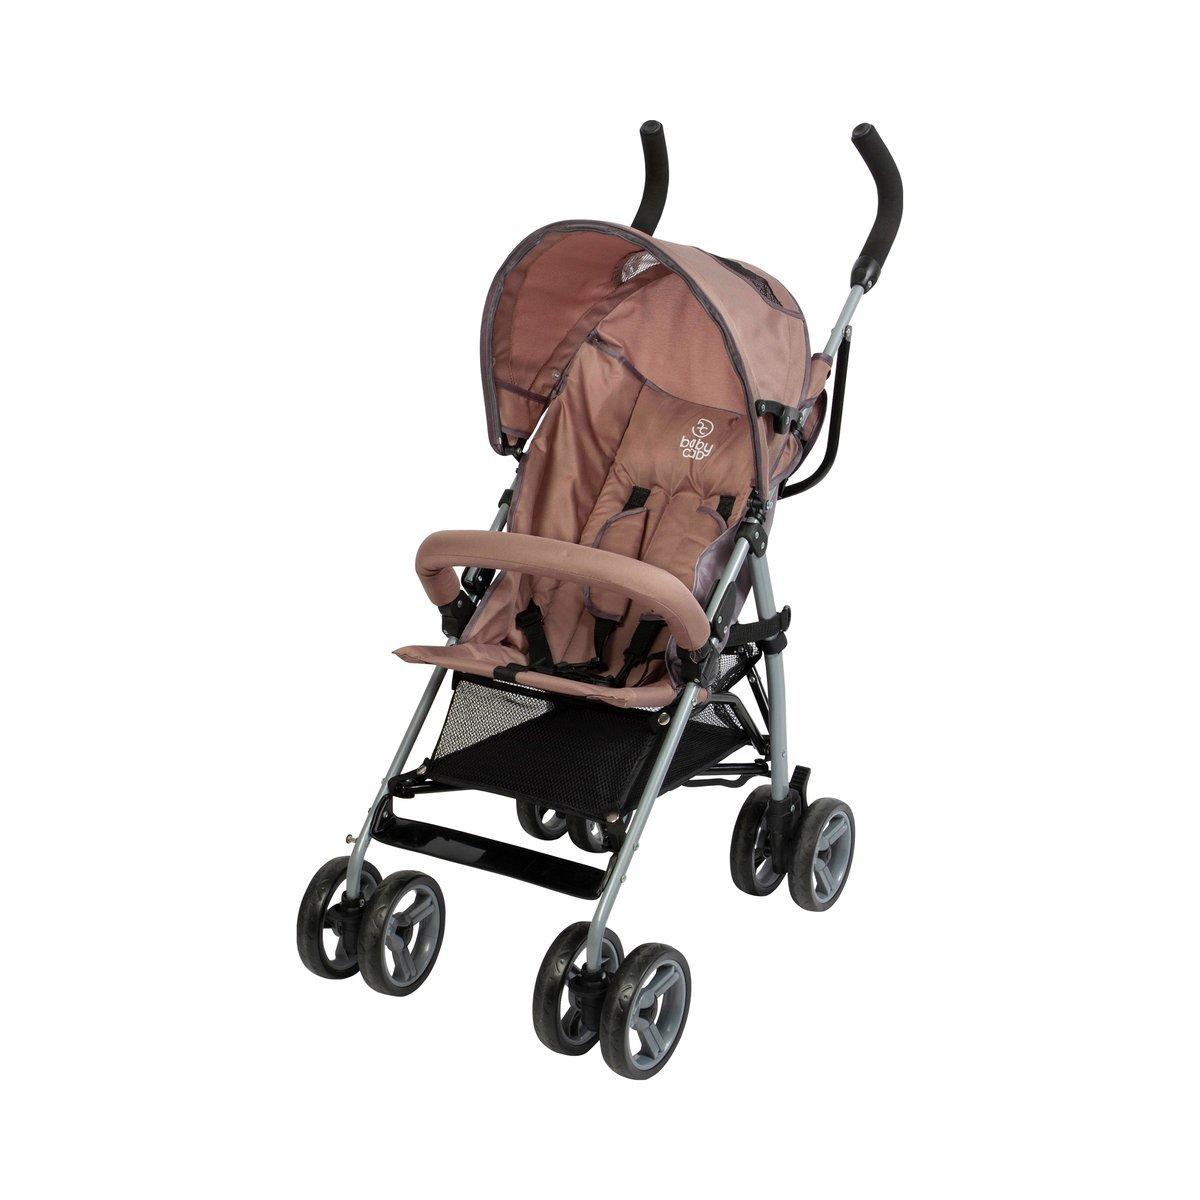 Babycab Sitzbuggy Max/Kinderwagen mit Liegefunktion/Buggy mit Regenverdeck/ab 6 Monate